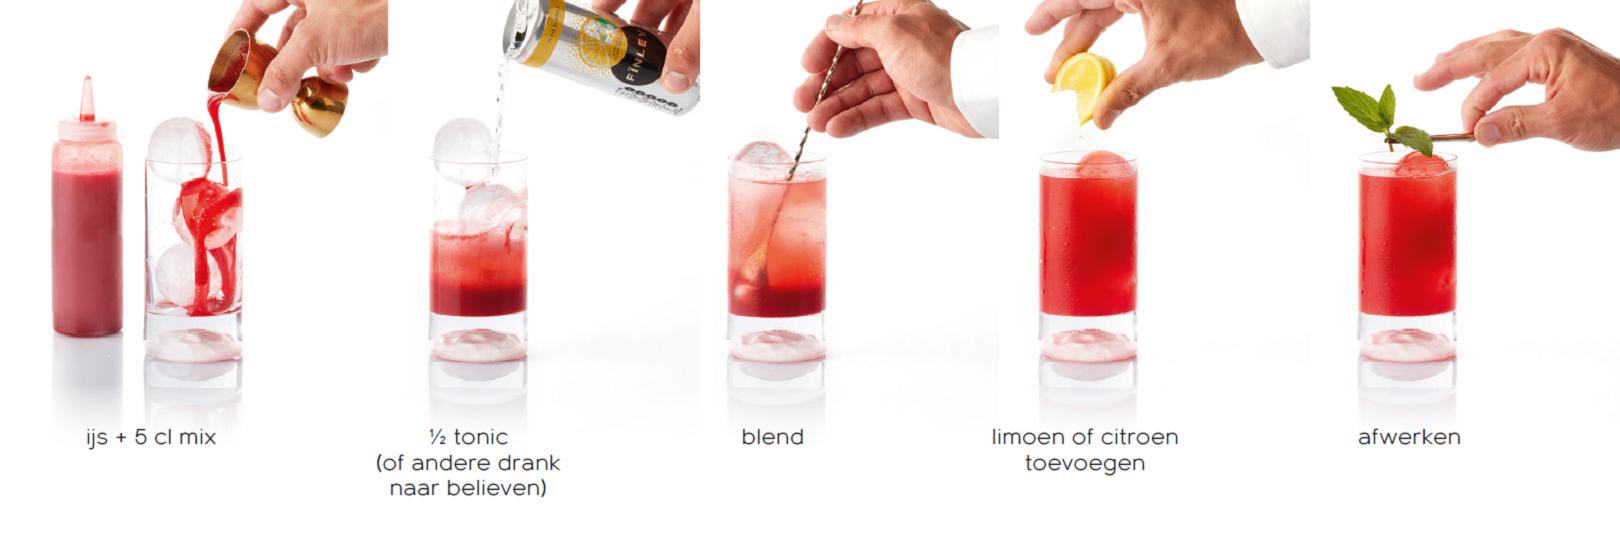 92 Plus - Mocktails voor de professional - De rode mix bereiden - roodkleurige mocktail